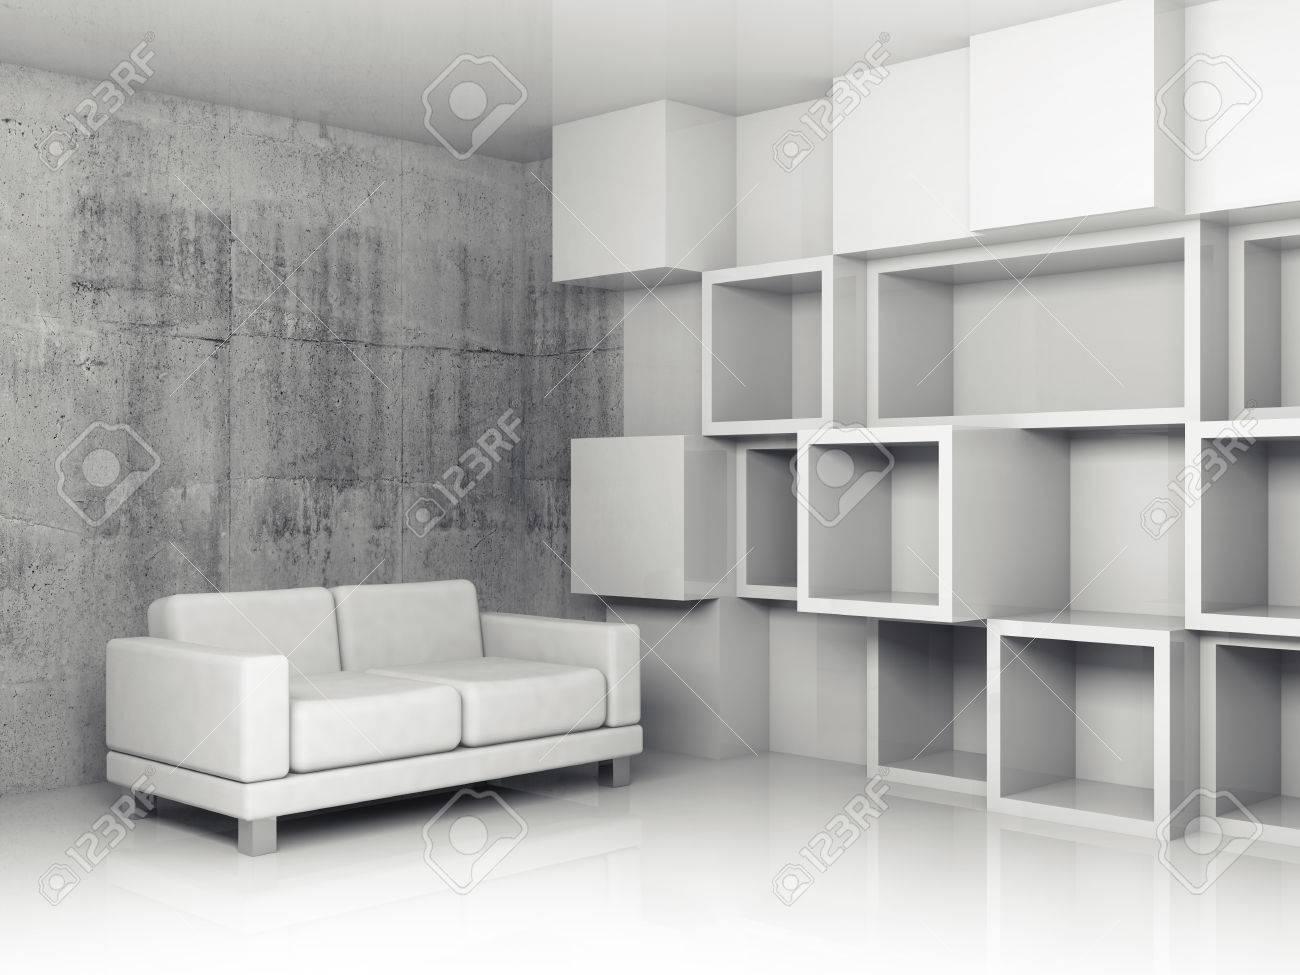 Abstract interior béton bureau avec soulagement blanc cube